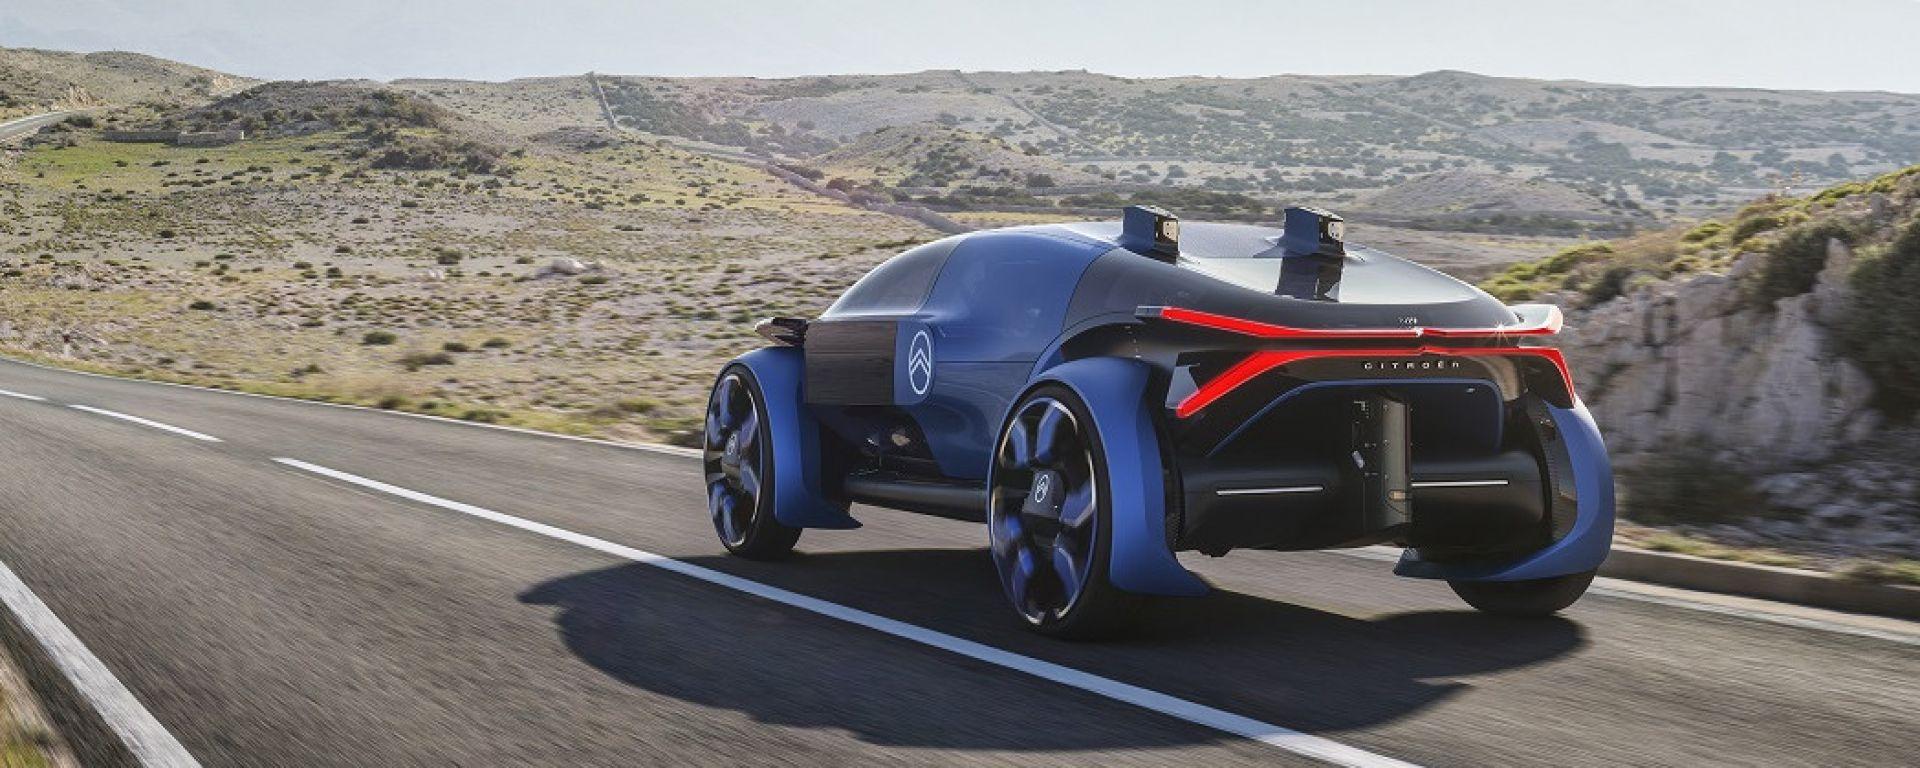 Citroen 19_19 Concept: 800 km di autonomia in elettrico